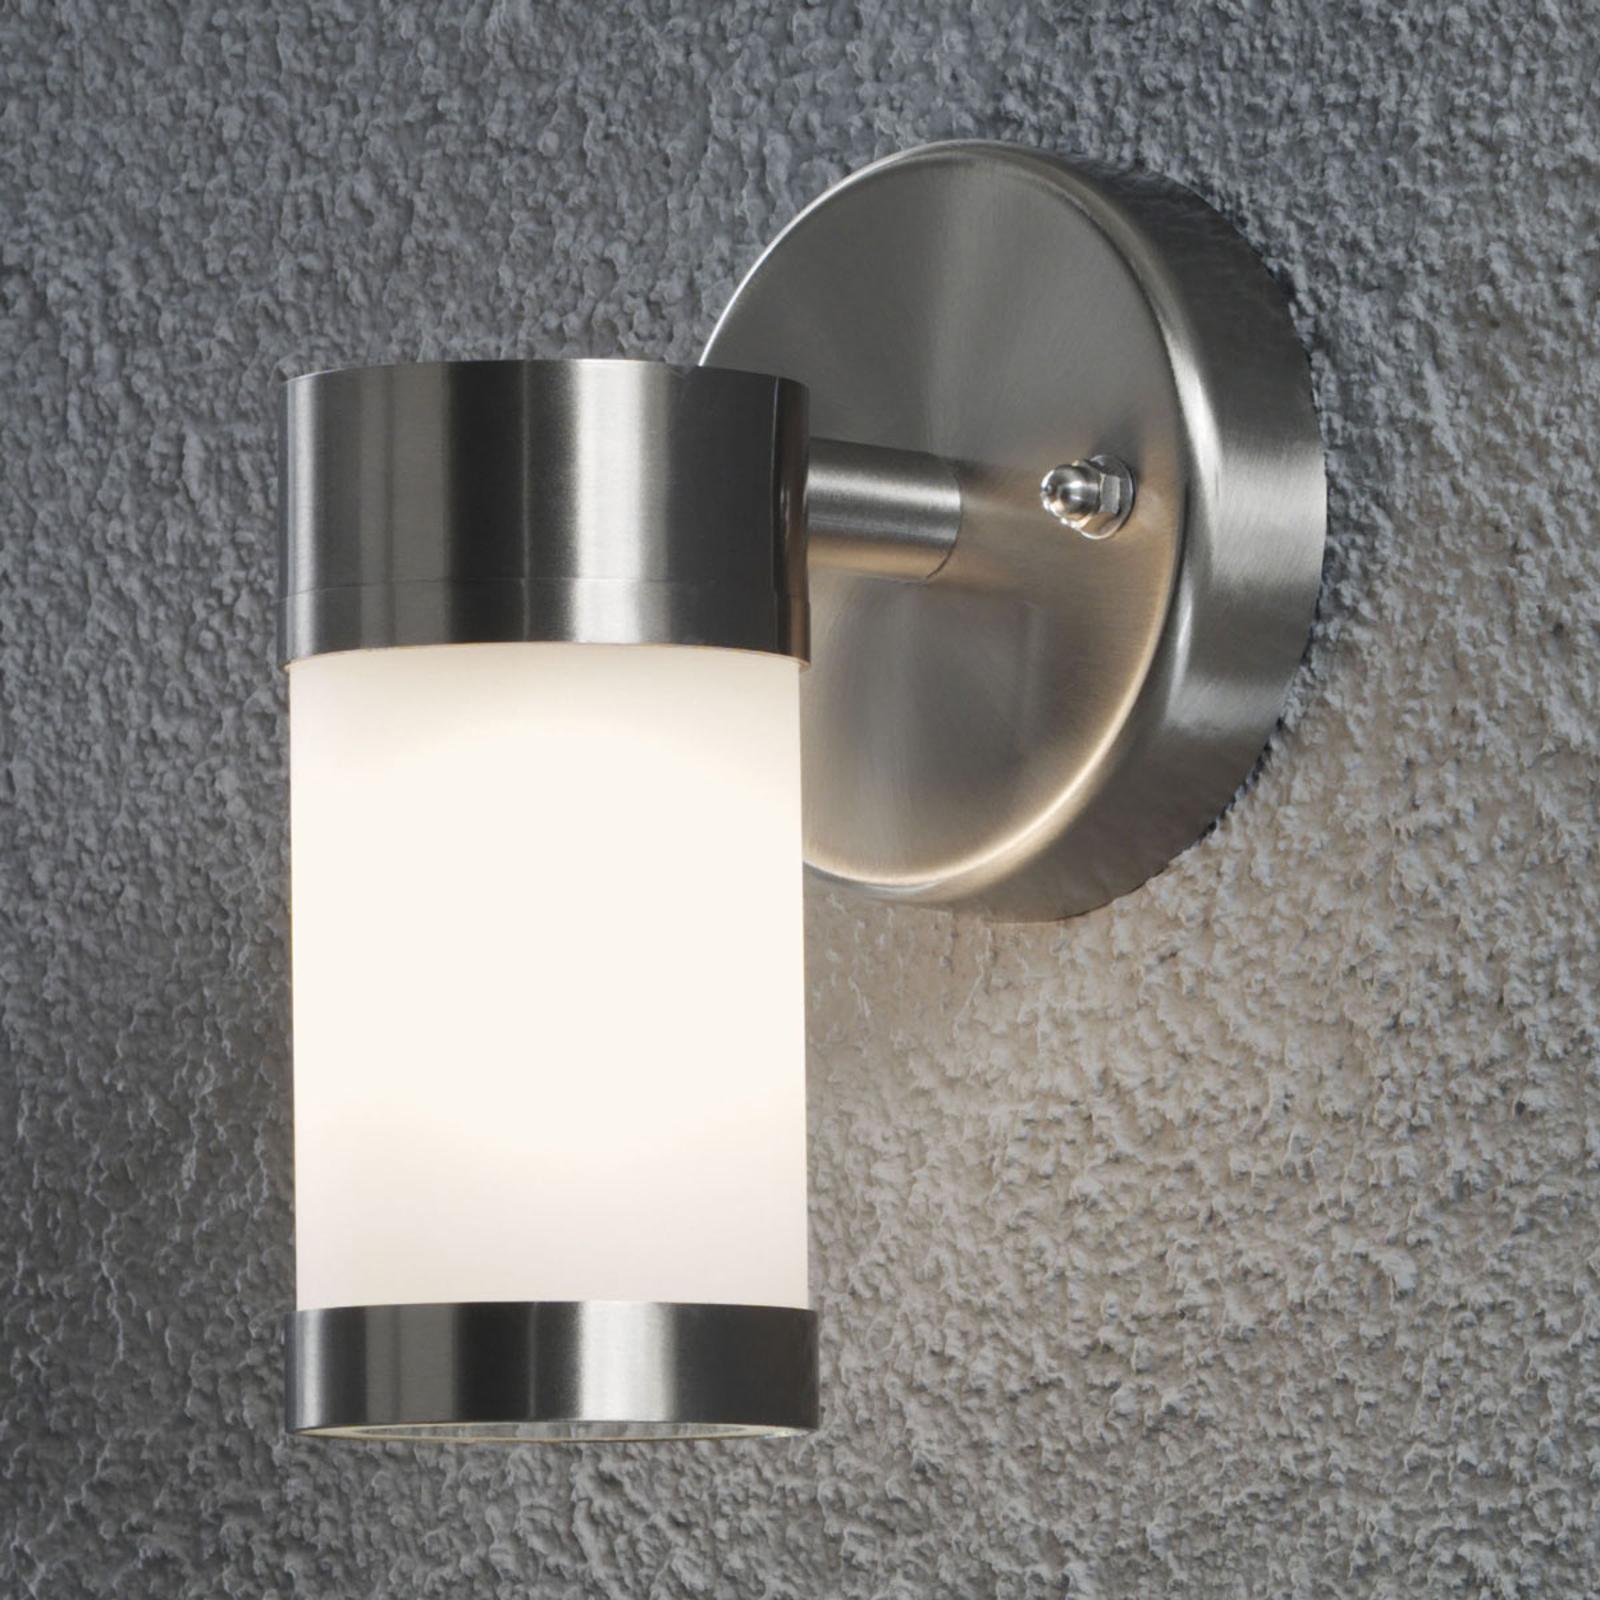 Prosta zewnętrzna lampa ścienna MODENA, 1-punktowa